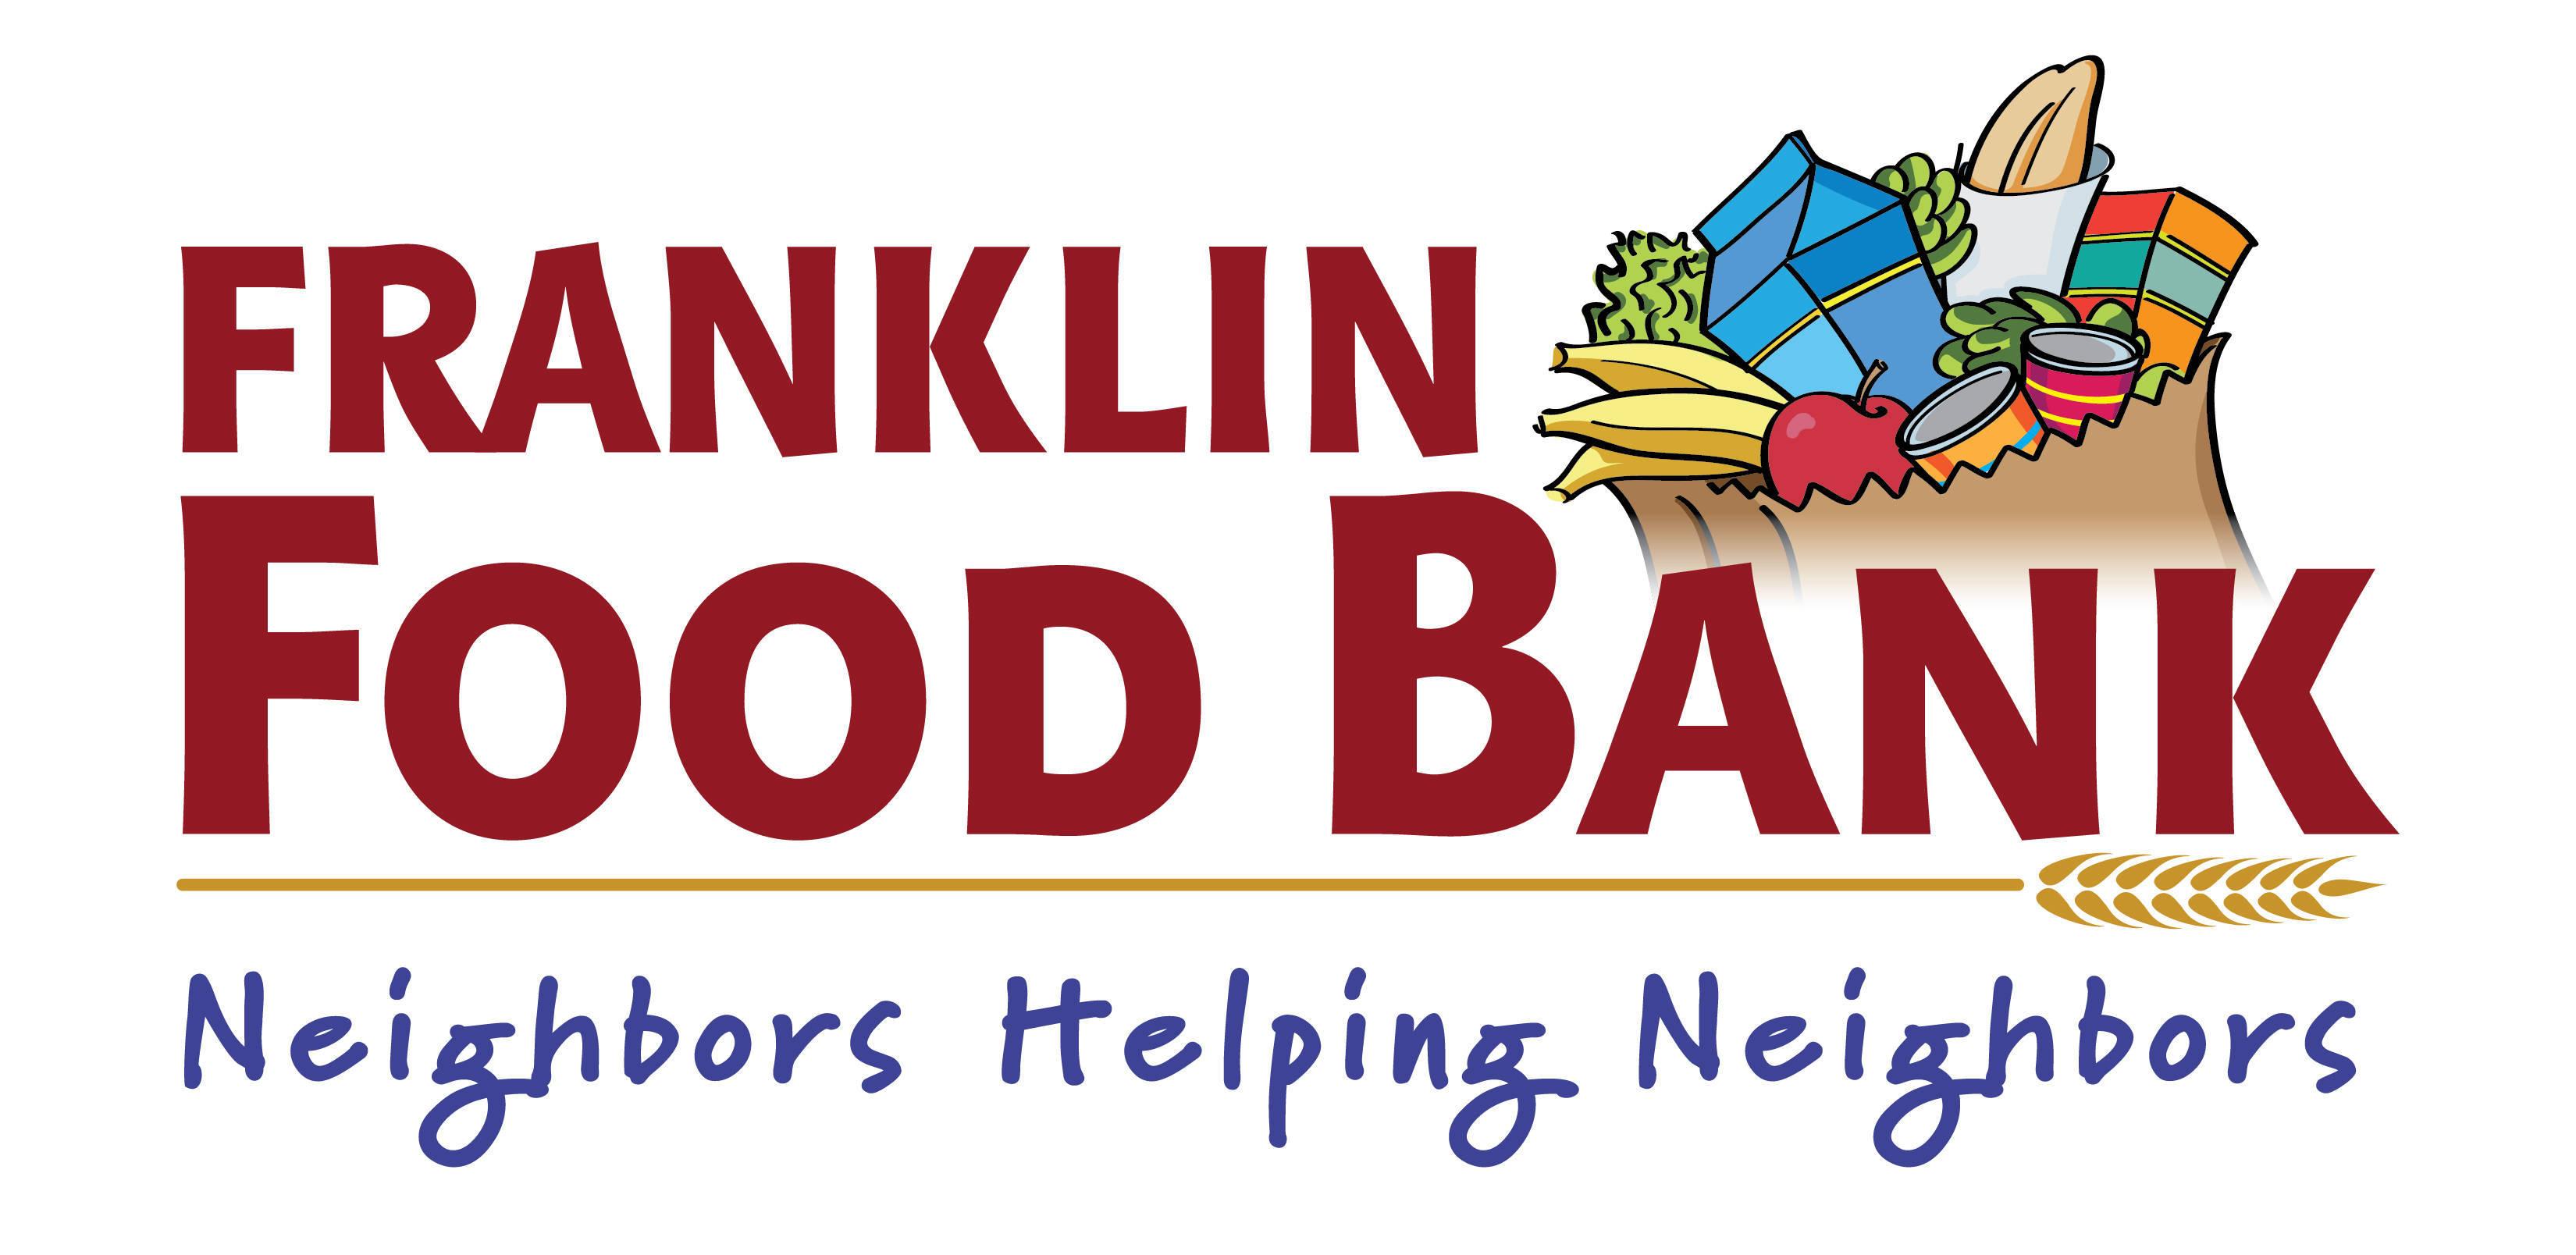 eb3347b139a10addd66c_Franklin-Food-Bank-Logo-01.jpg